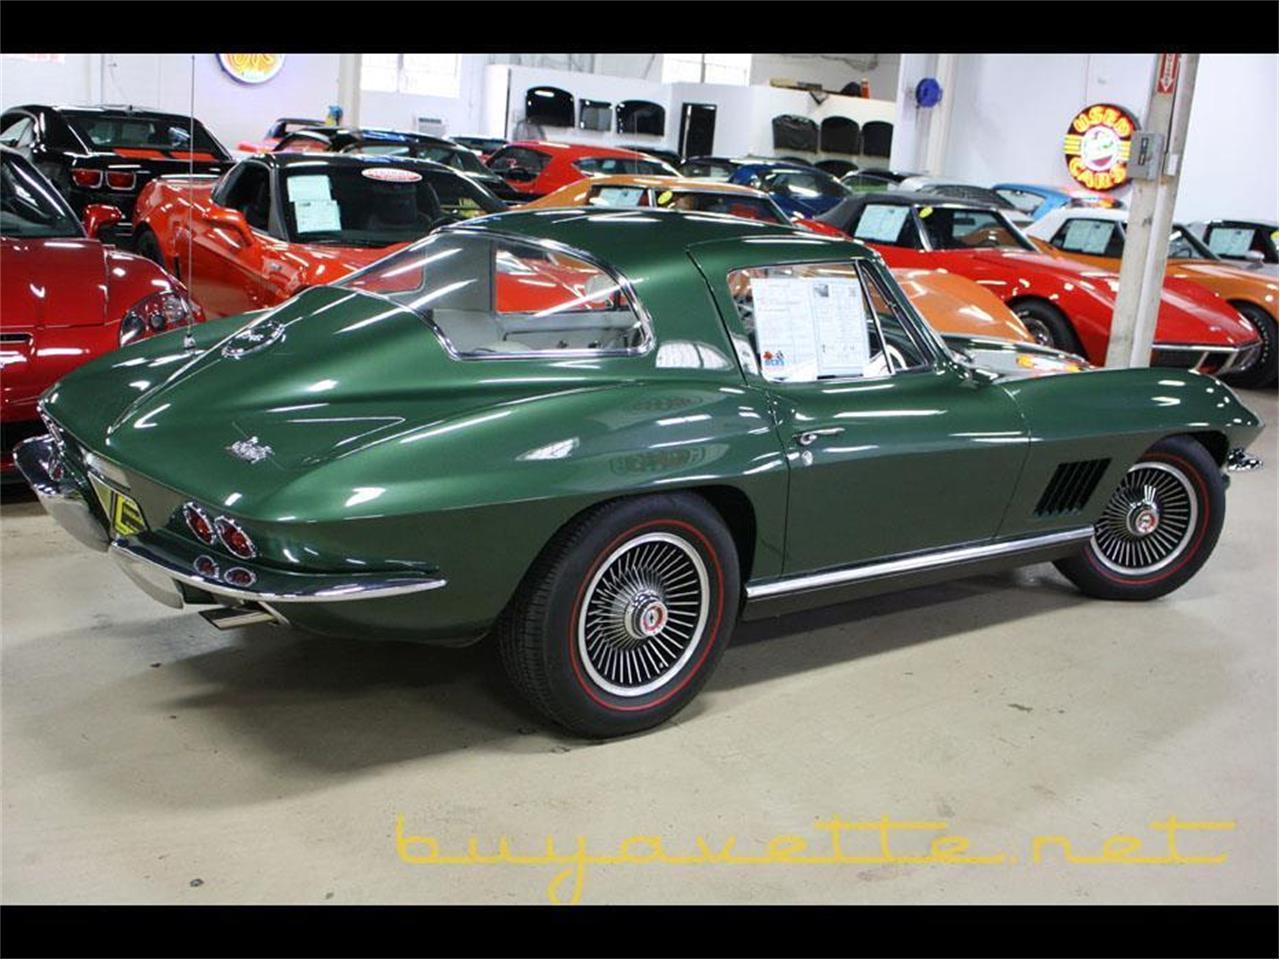 Used Car Dealerships In Atlanta Ga >> 1967 Chevrolet Corvette For Sale In Atlanta Ga